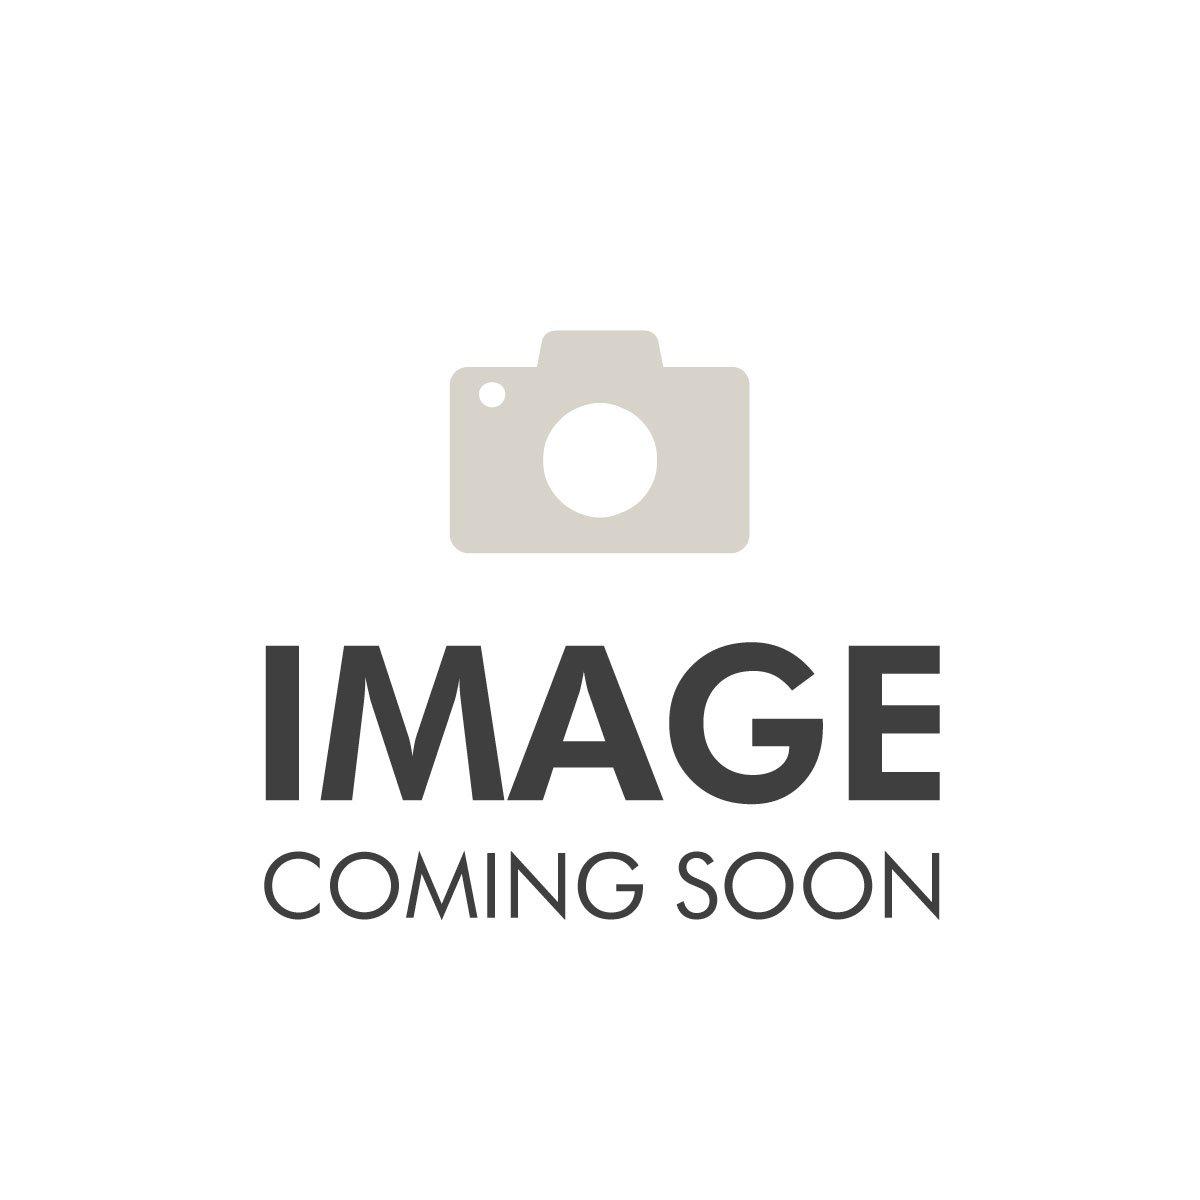 WS - Vis de pointe de fleuret - Allemand (10-Pack)